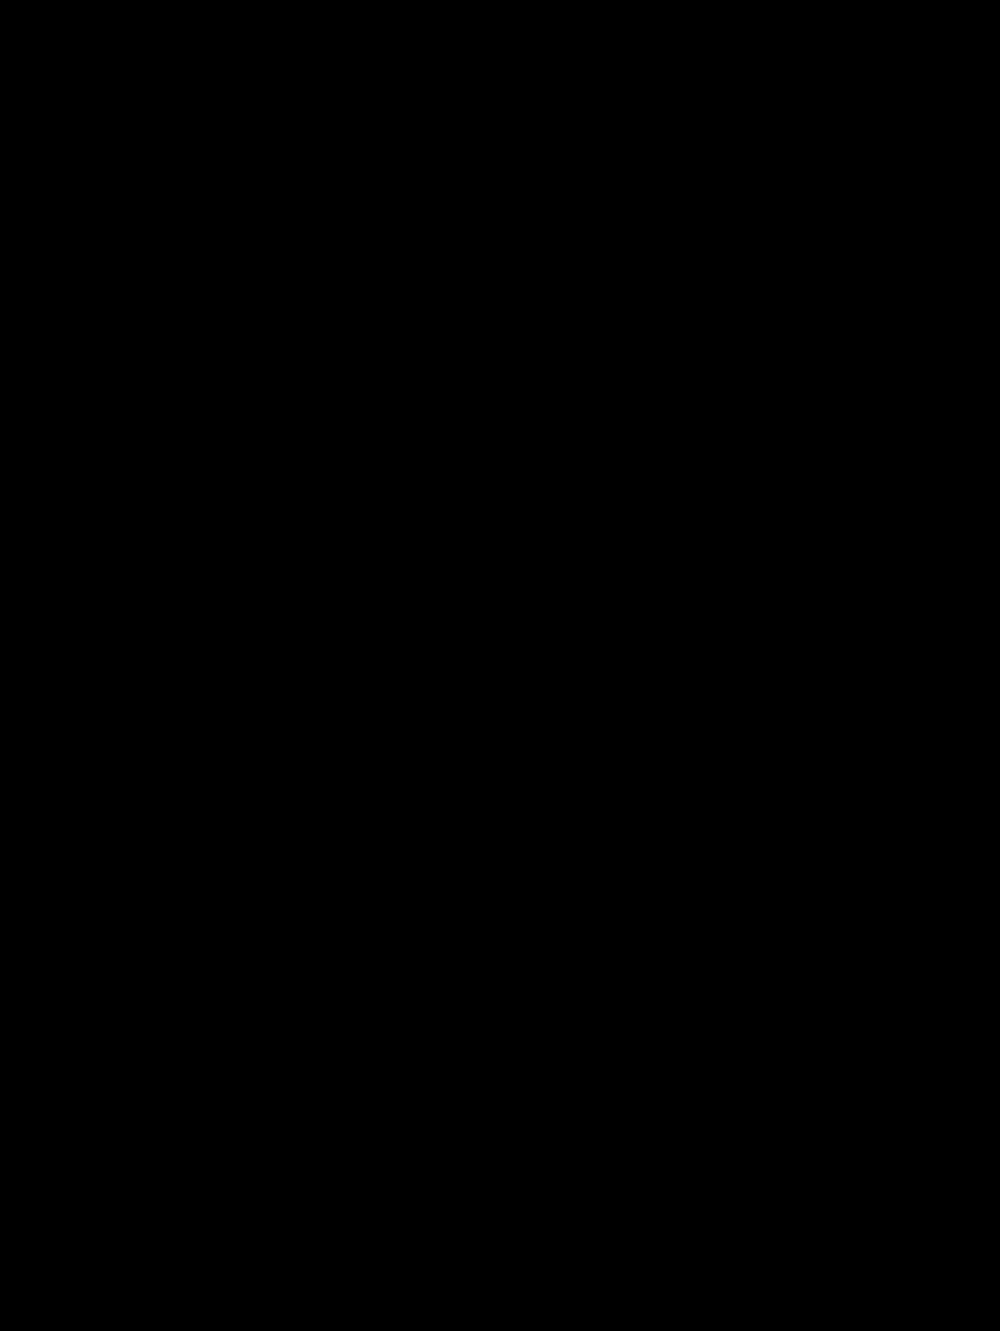 takuhatsu transparent.png